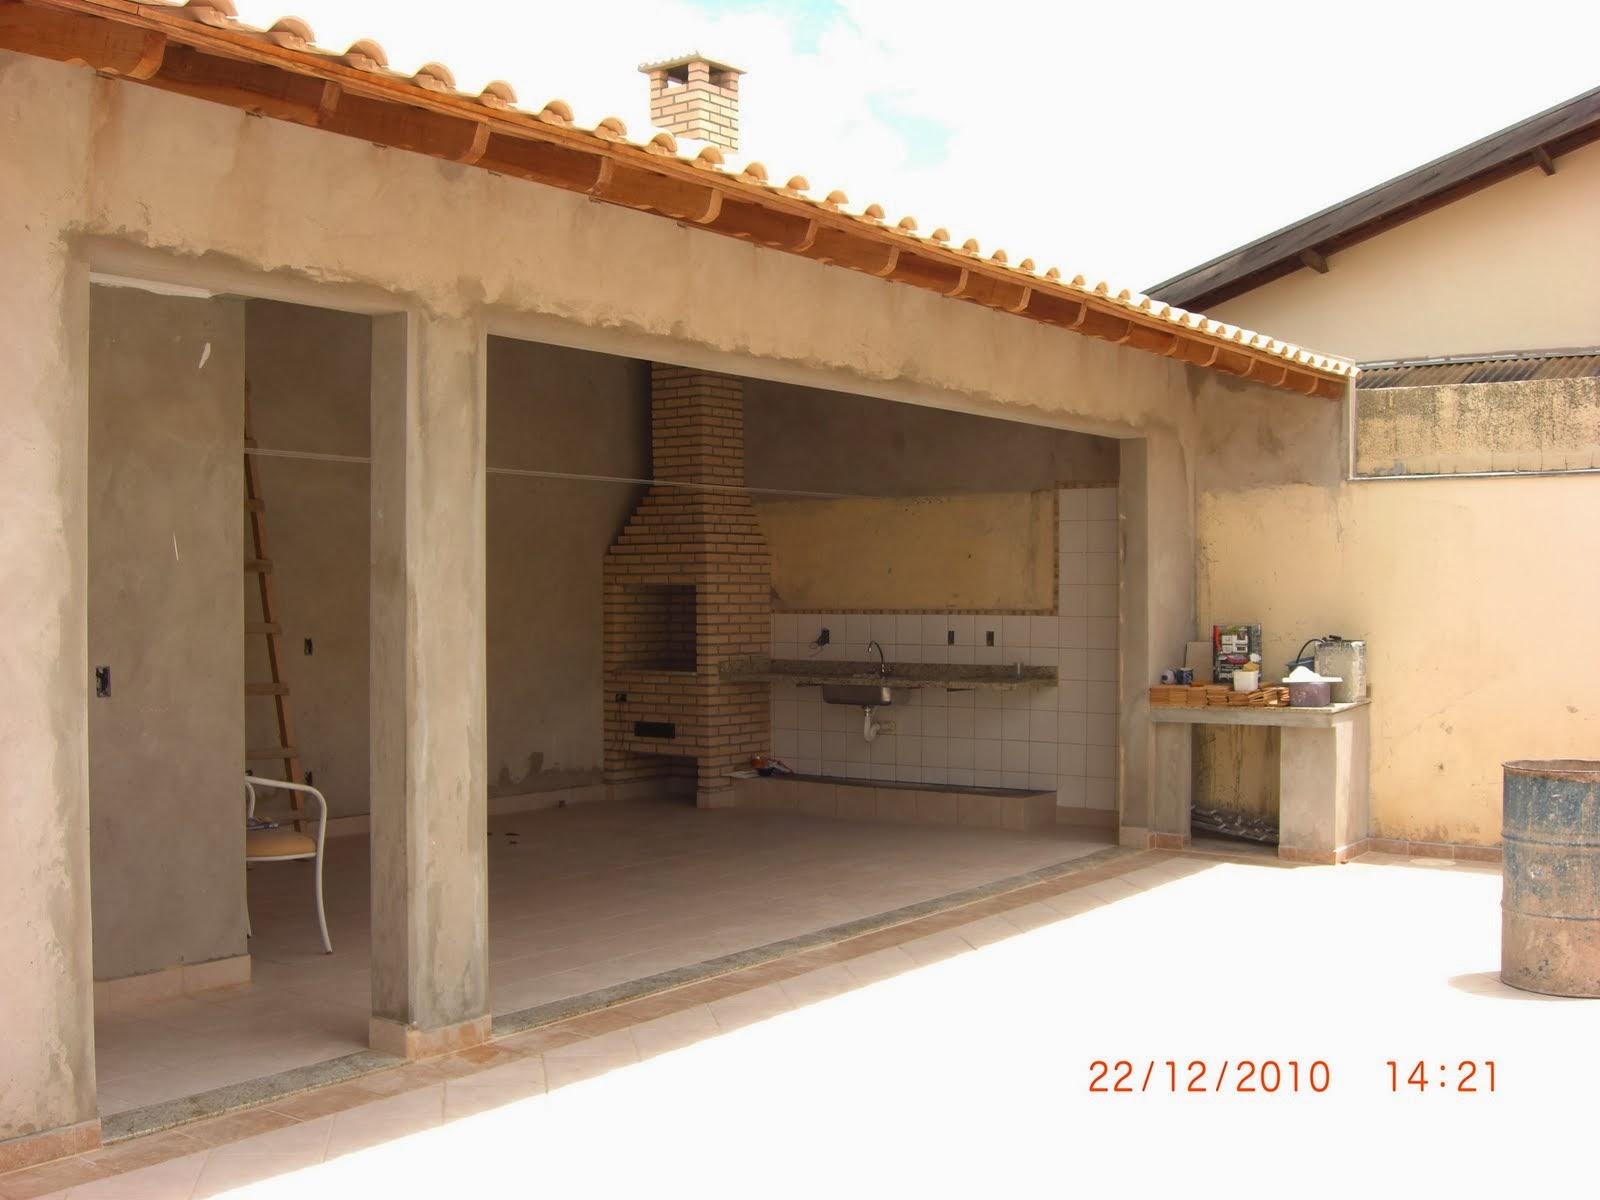 #AE521D BANCOS E MESAS CONCRETO PRE FABRICADO MOVEIS PAISAGISMO DECORAÇÃO  1600x1200 px Projetos De Casas Com Cozinha Nos Fundos #187 imagens